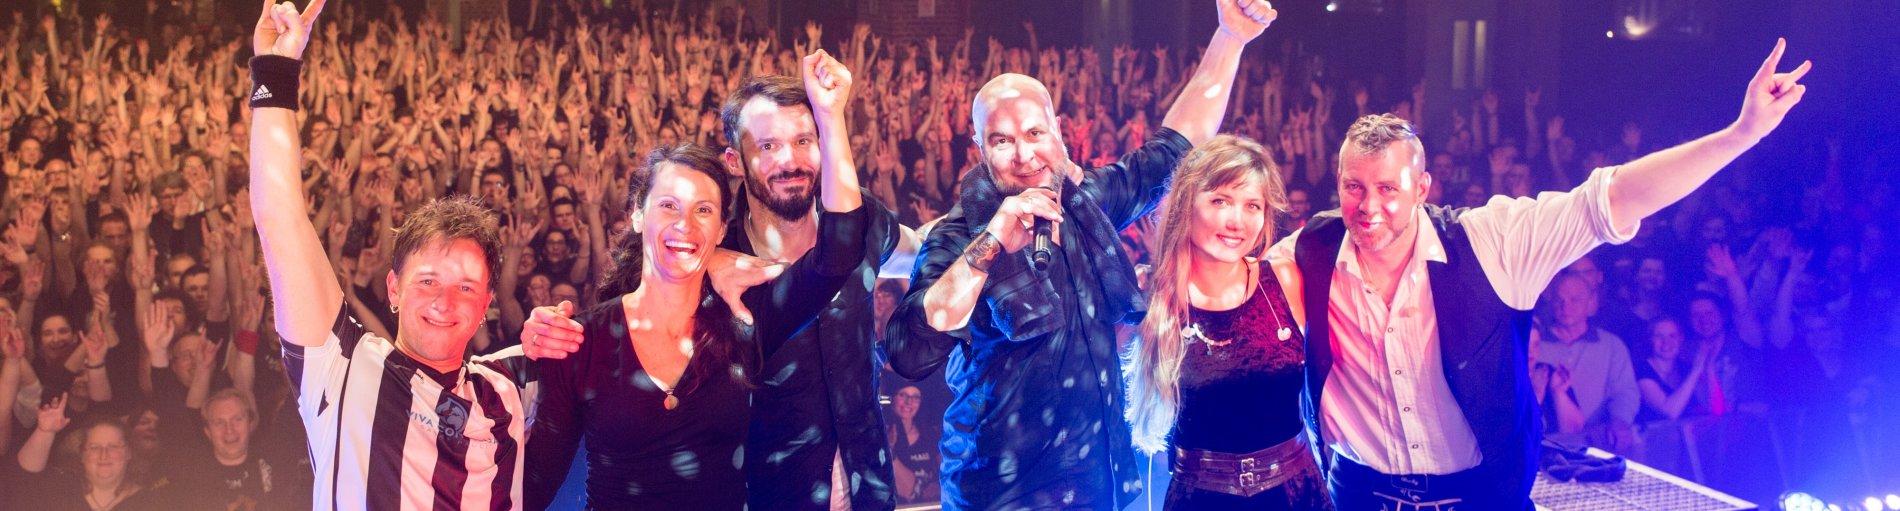 Gruppenfoto der Band Schandmaul auf der Bühne.